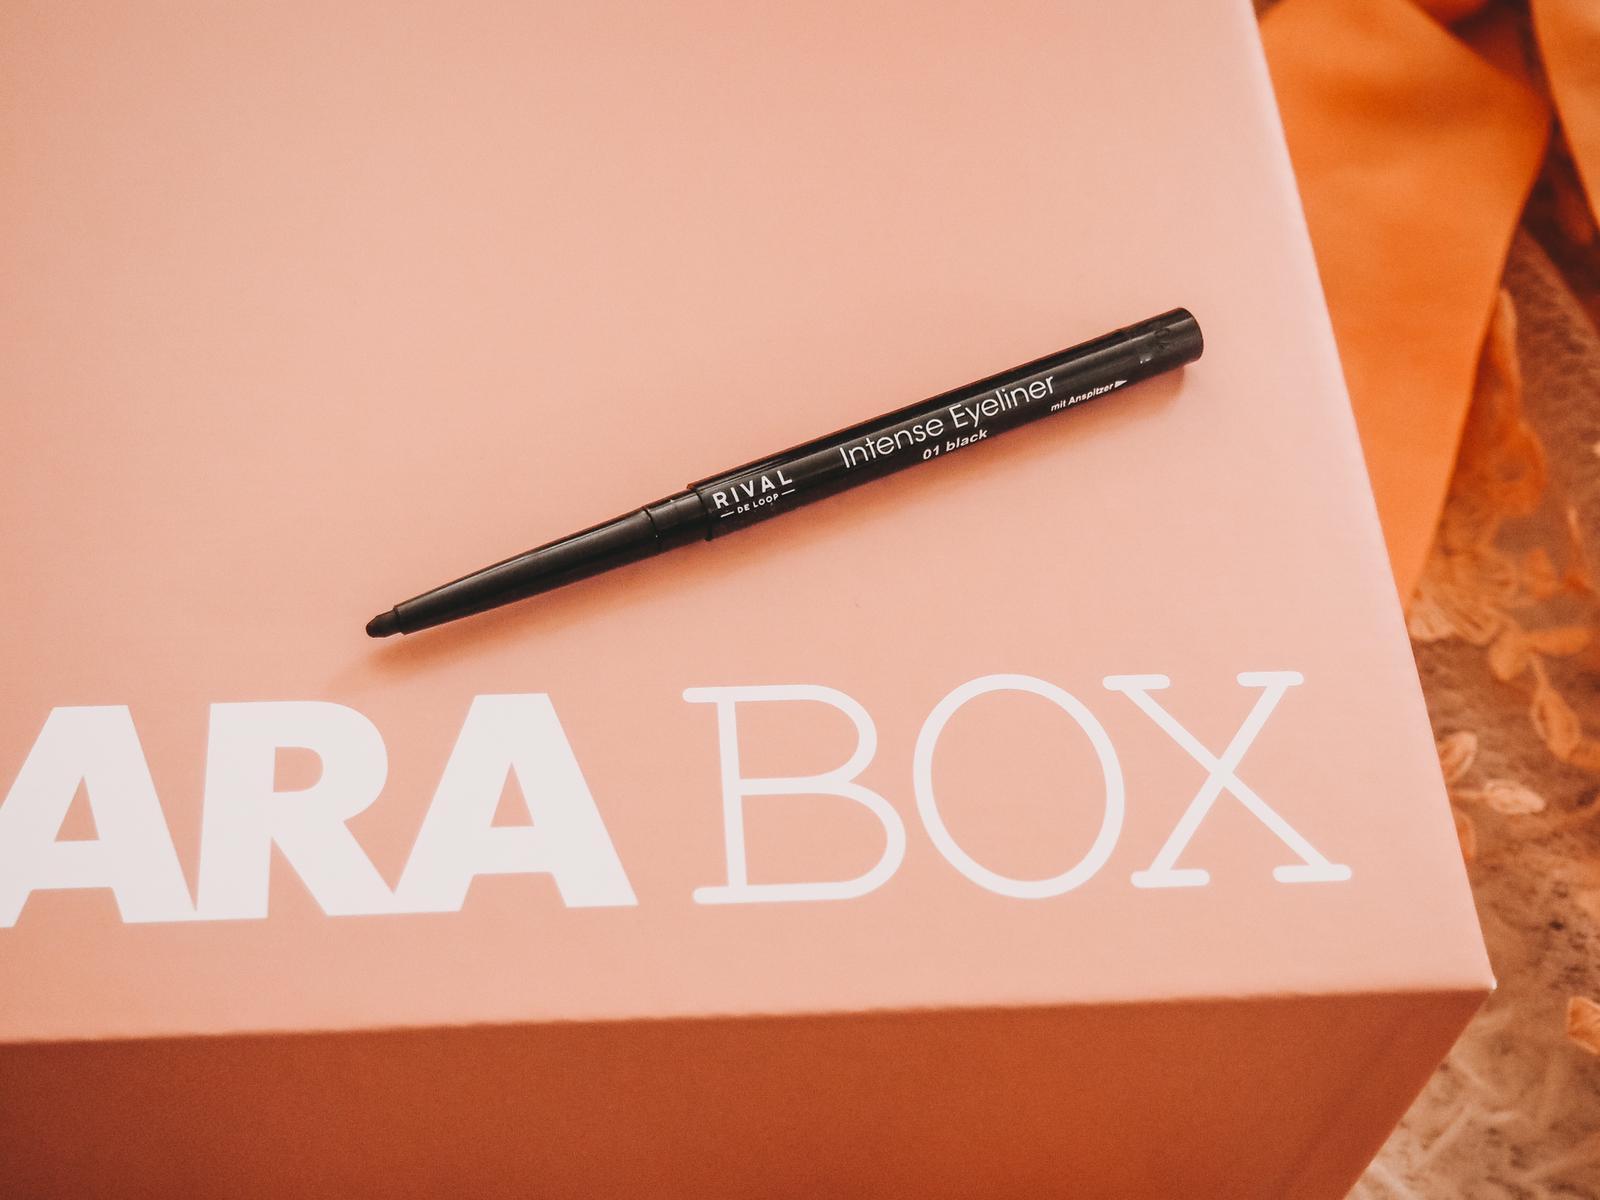 Eyeliner Barbara Box Ein Hoch auf Mich